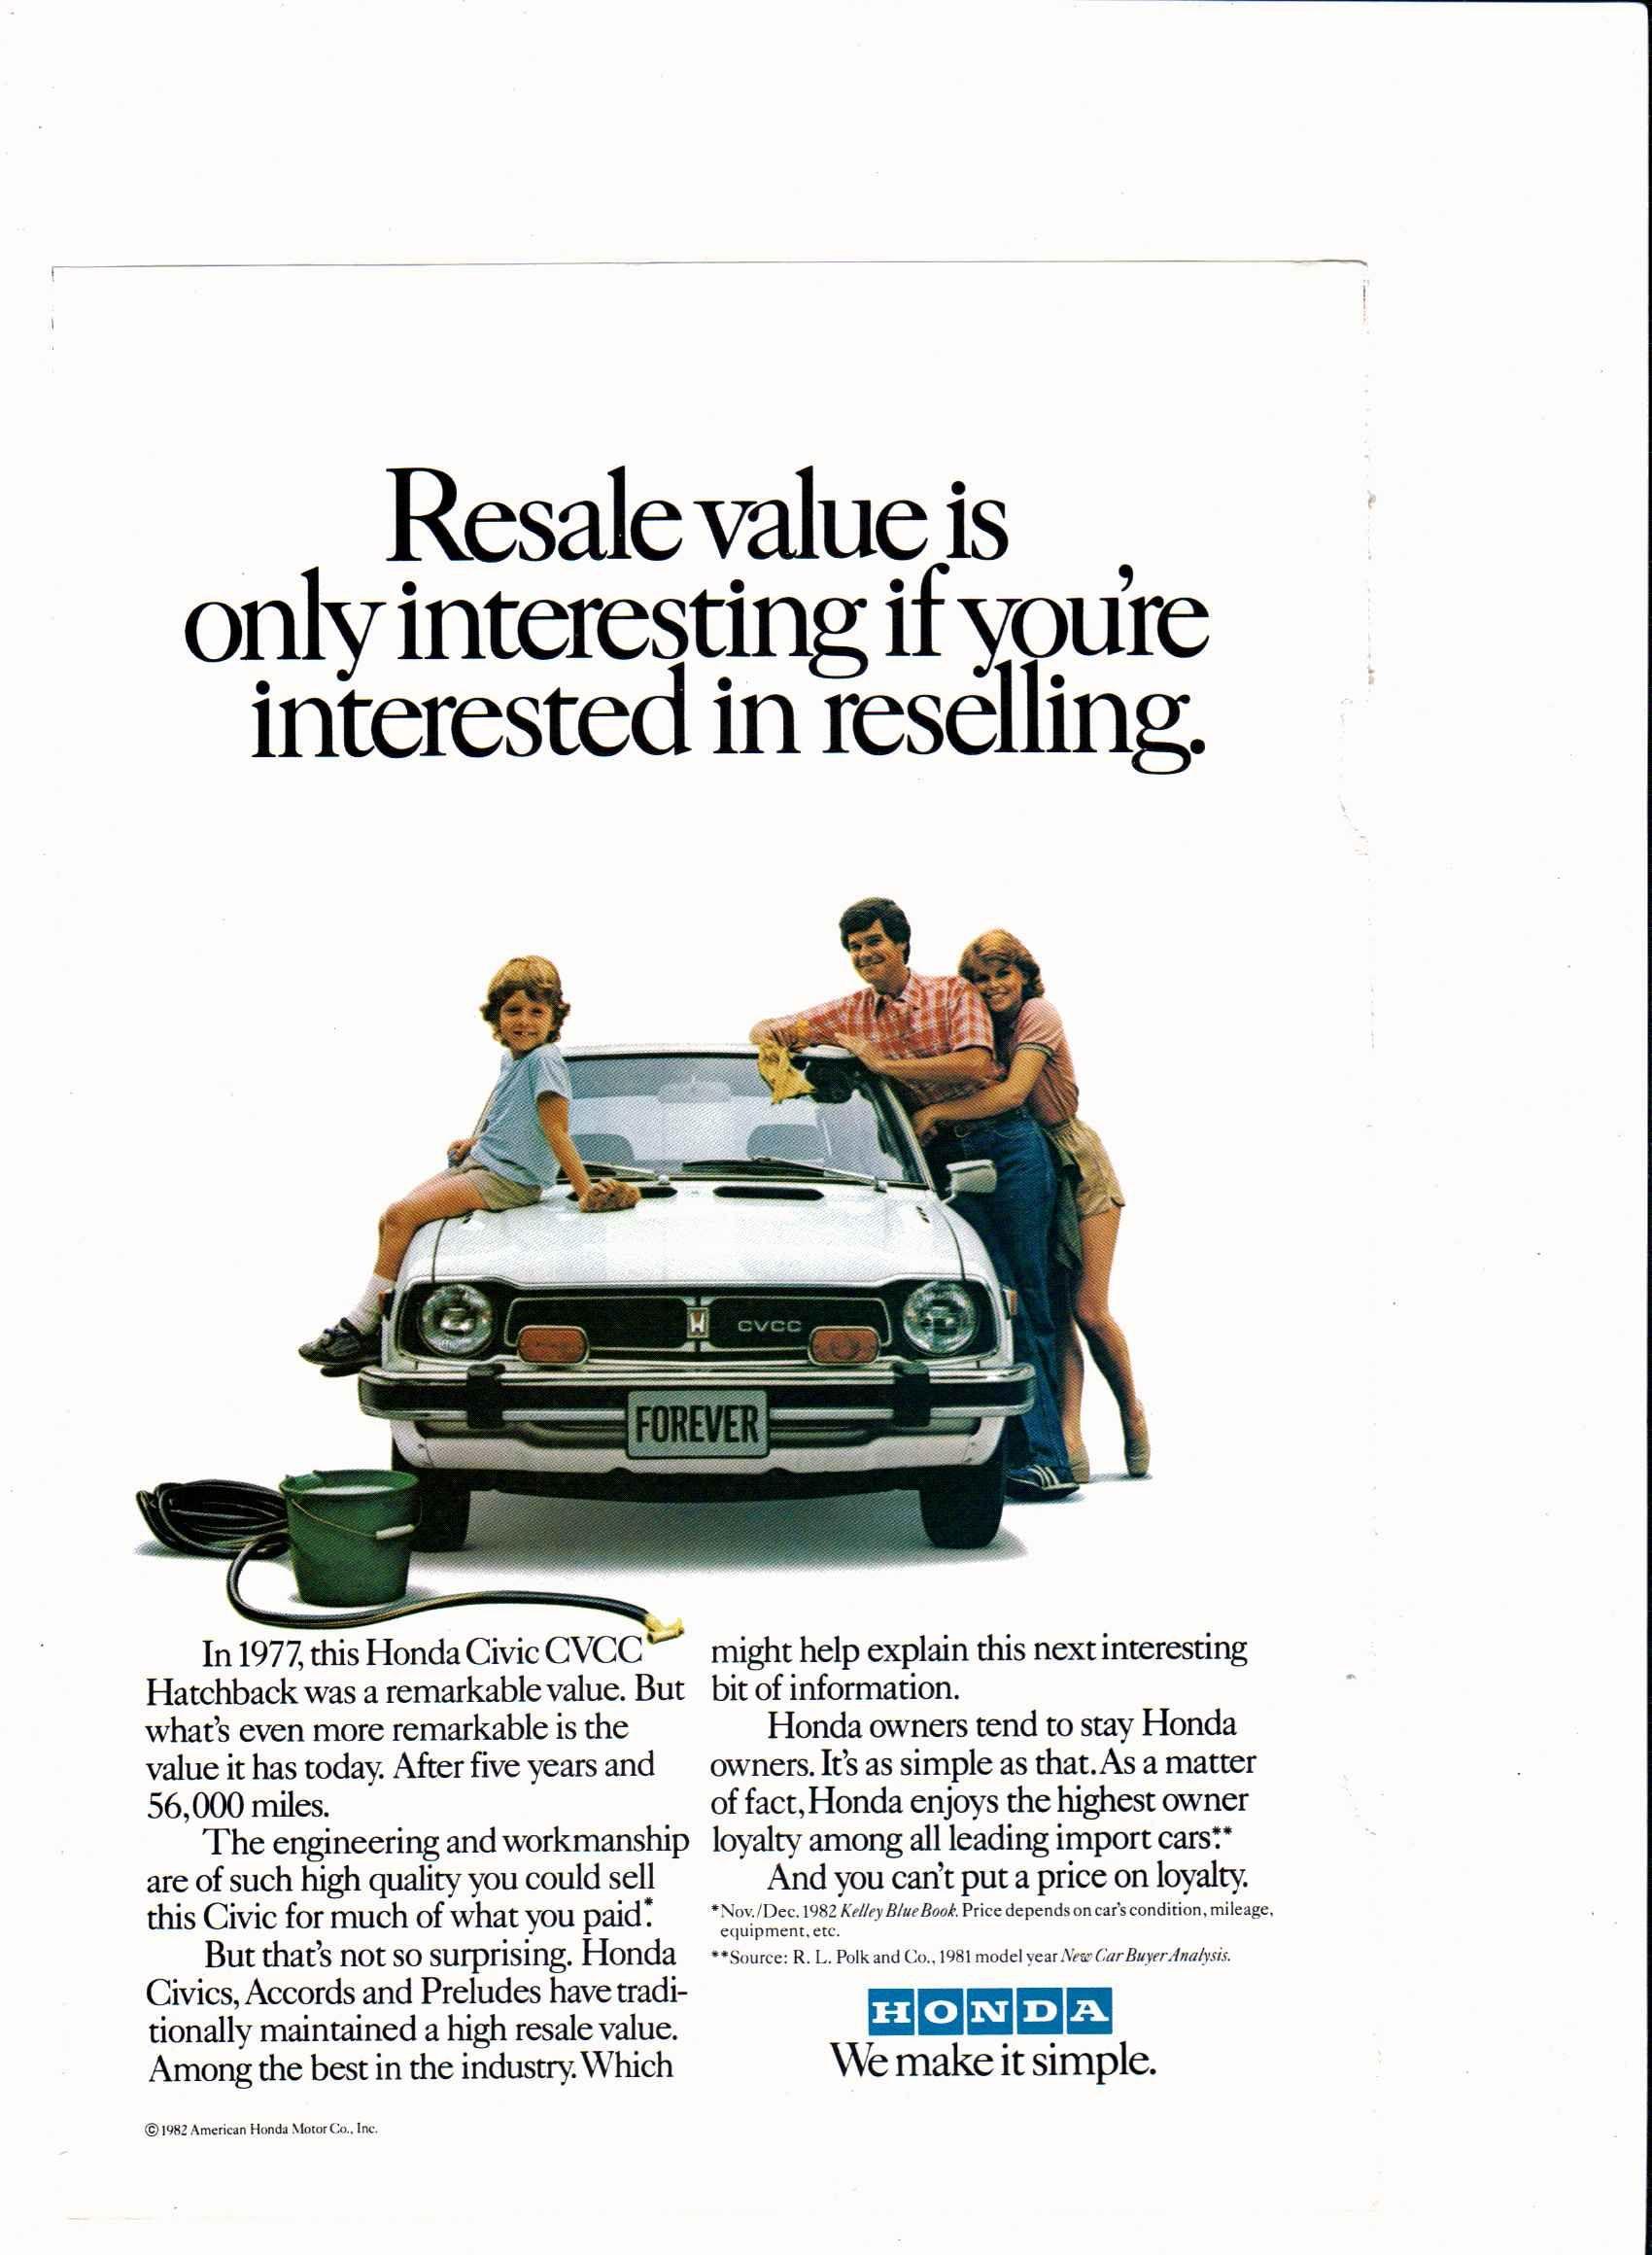 1977 Honda Civic CVCC ad | Vintage Honda Vehicle Ads | Pinterest ...